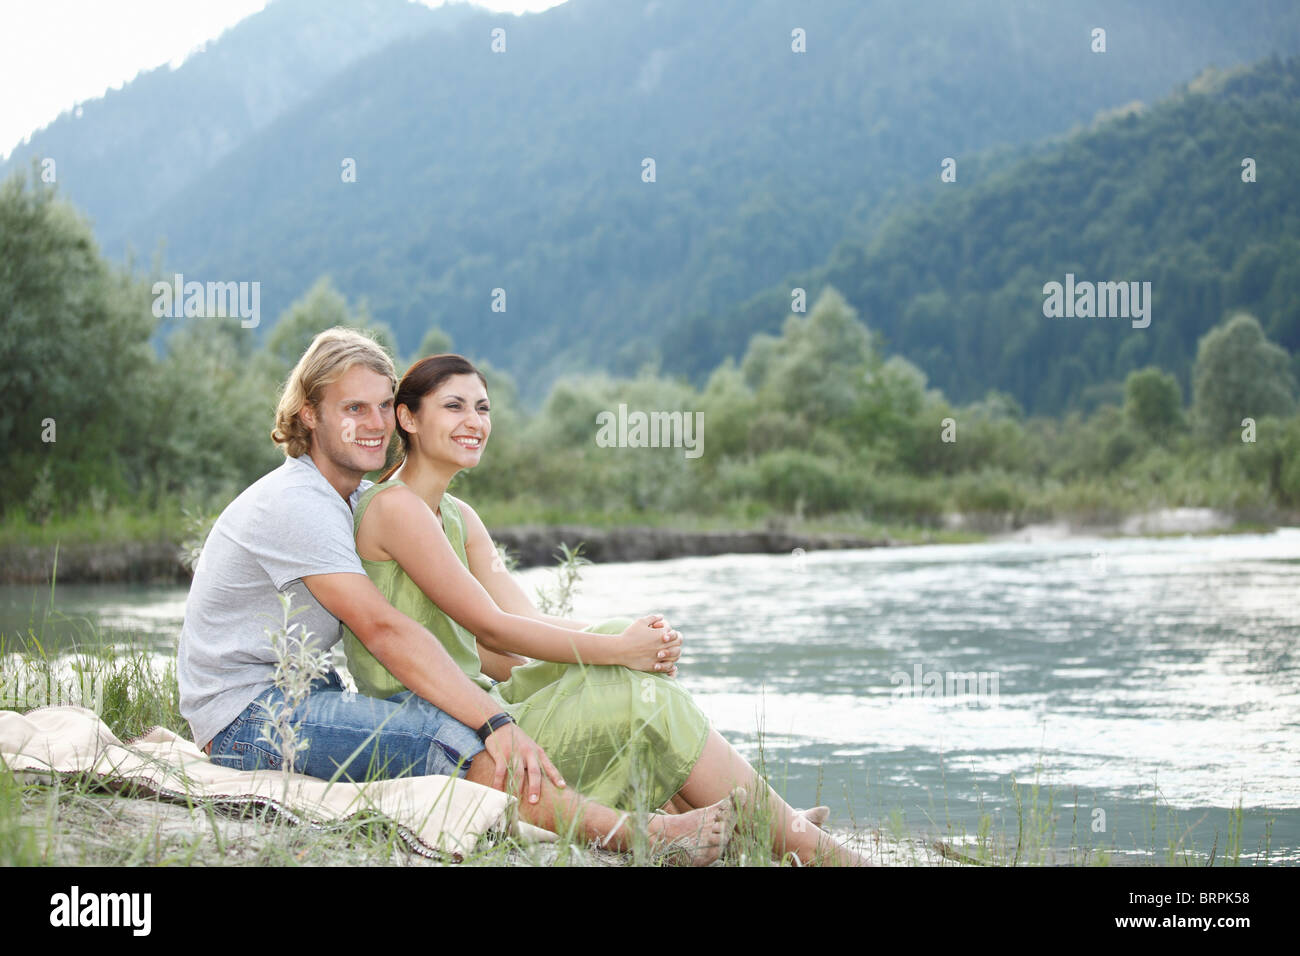 Tempo libero dal fiume in montagna Immagini Stock